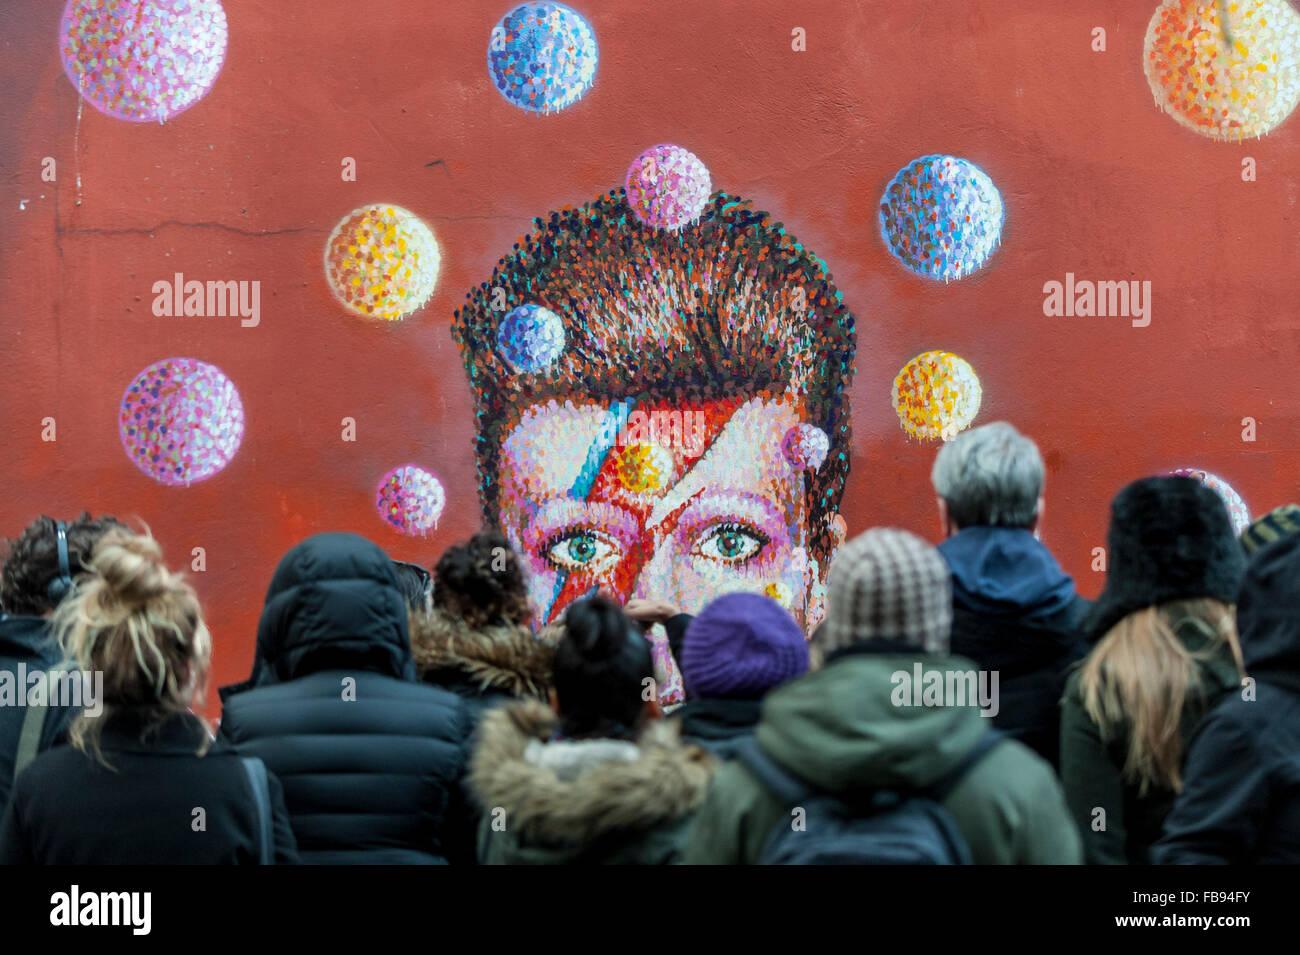 Londres, Royaume-Uni. 12 janvier 2016. Fans de continuer à visiter l'œuvre de David Bowie à Brixton Photo Stock